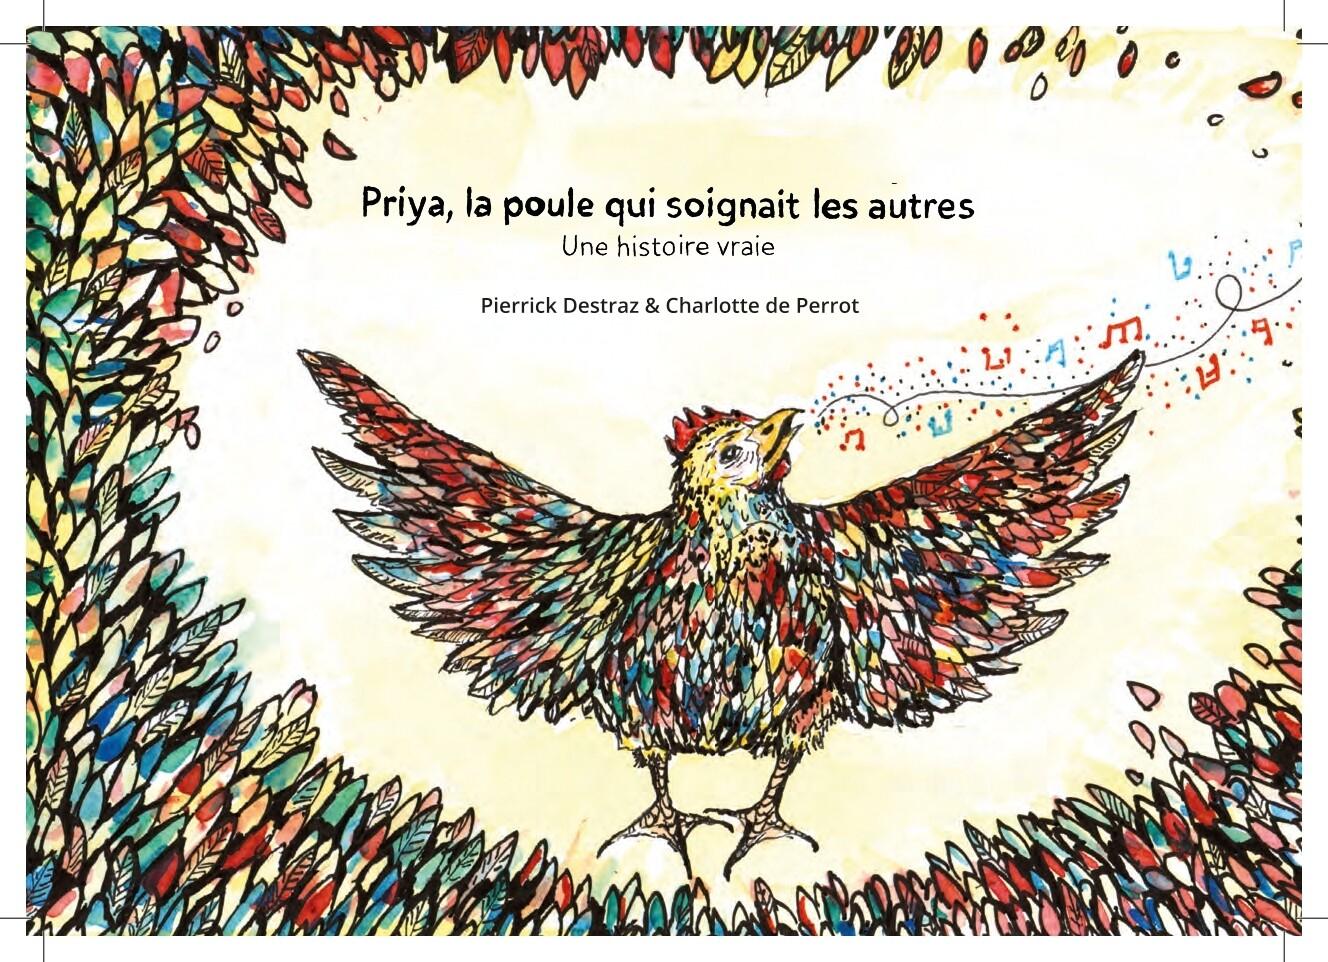 Priya, la poule qui soignait les autres